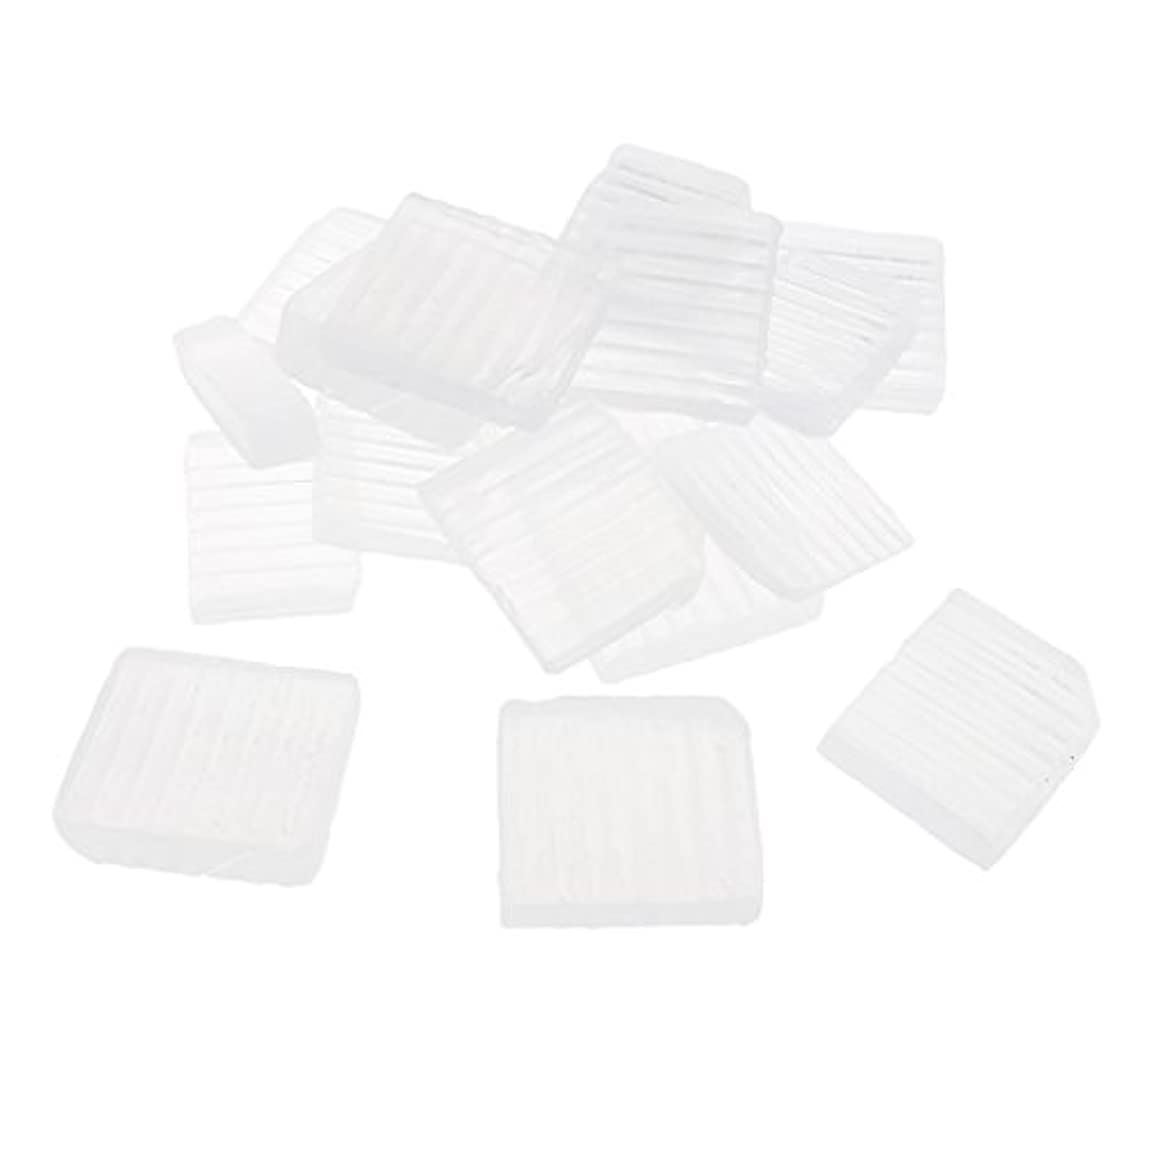 切り刻むひどく切り刻む透明 石鹸ベース DIY 手作り 石鹸 約1 KG